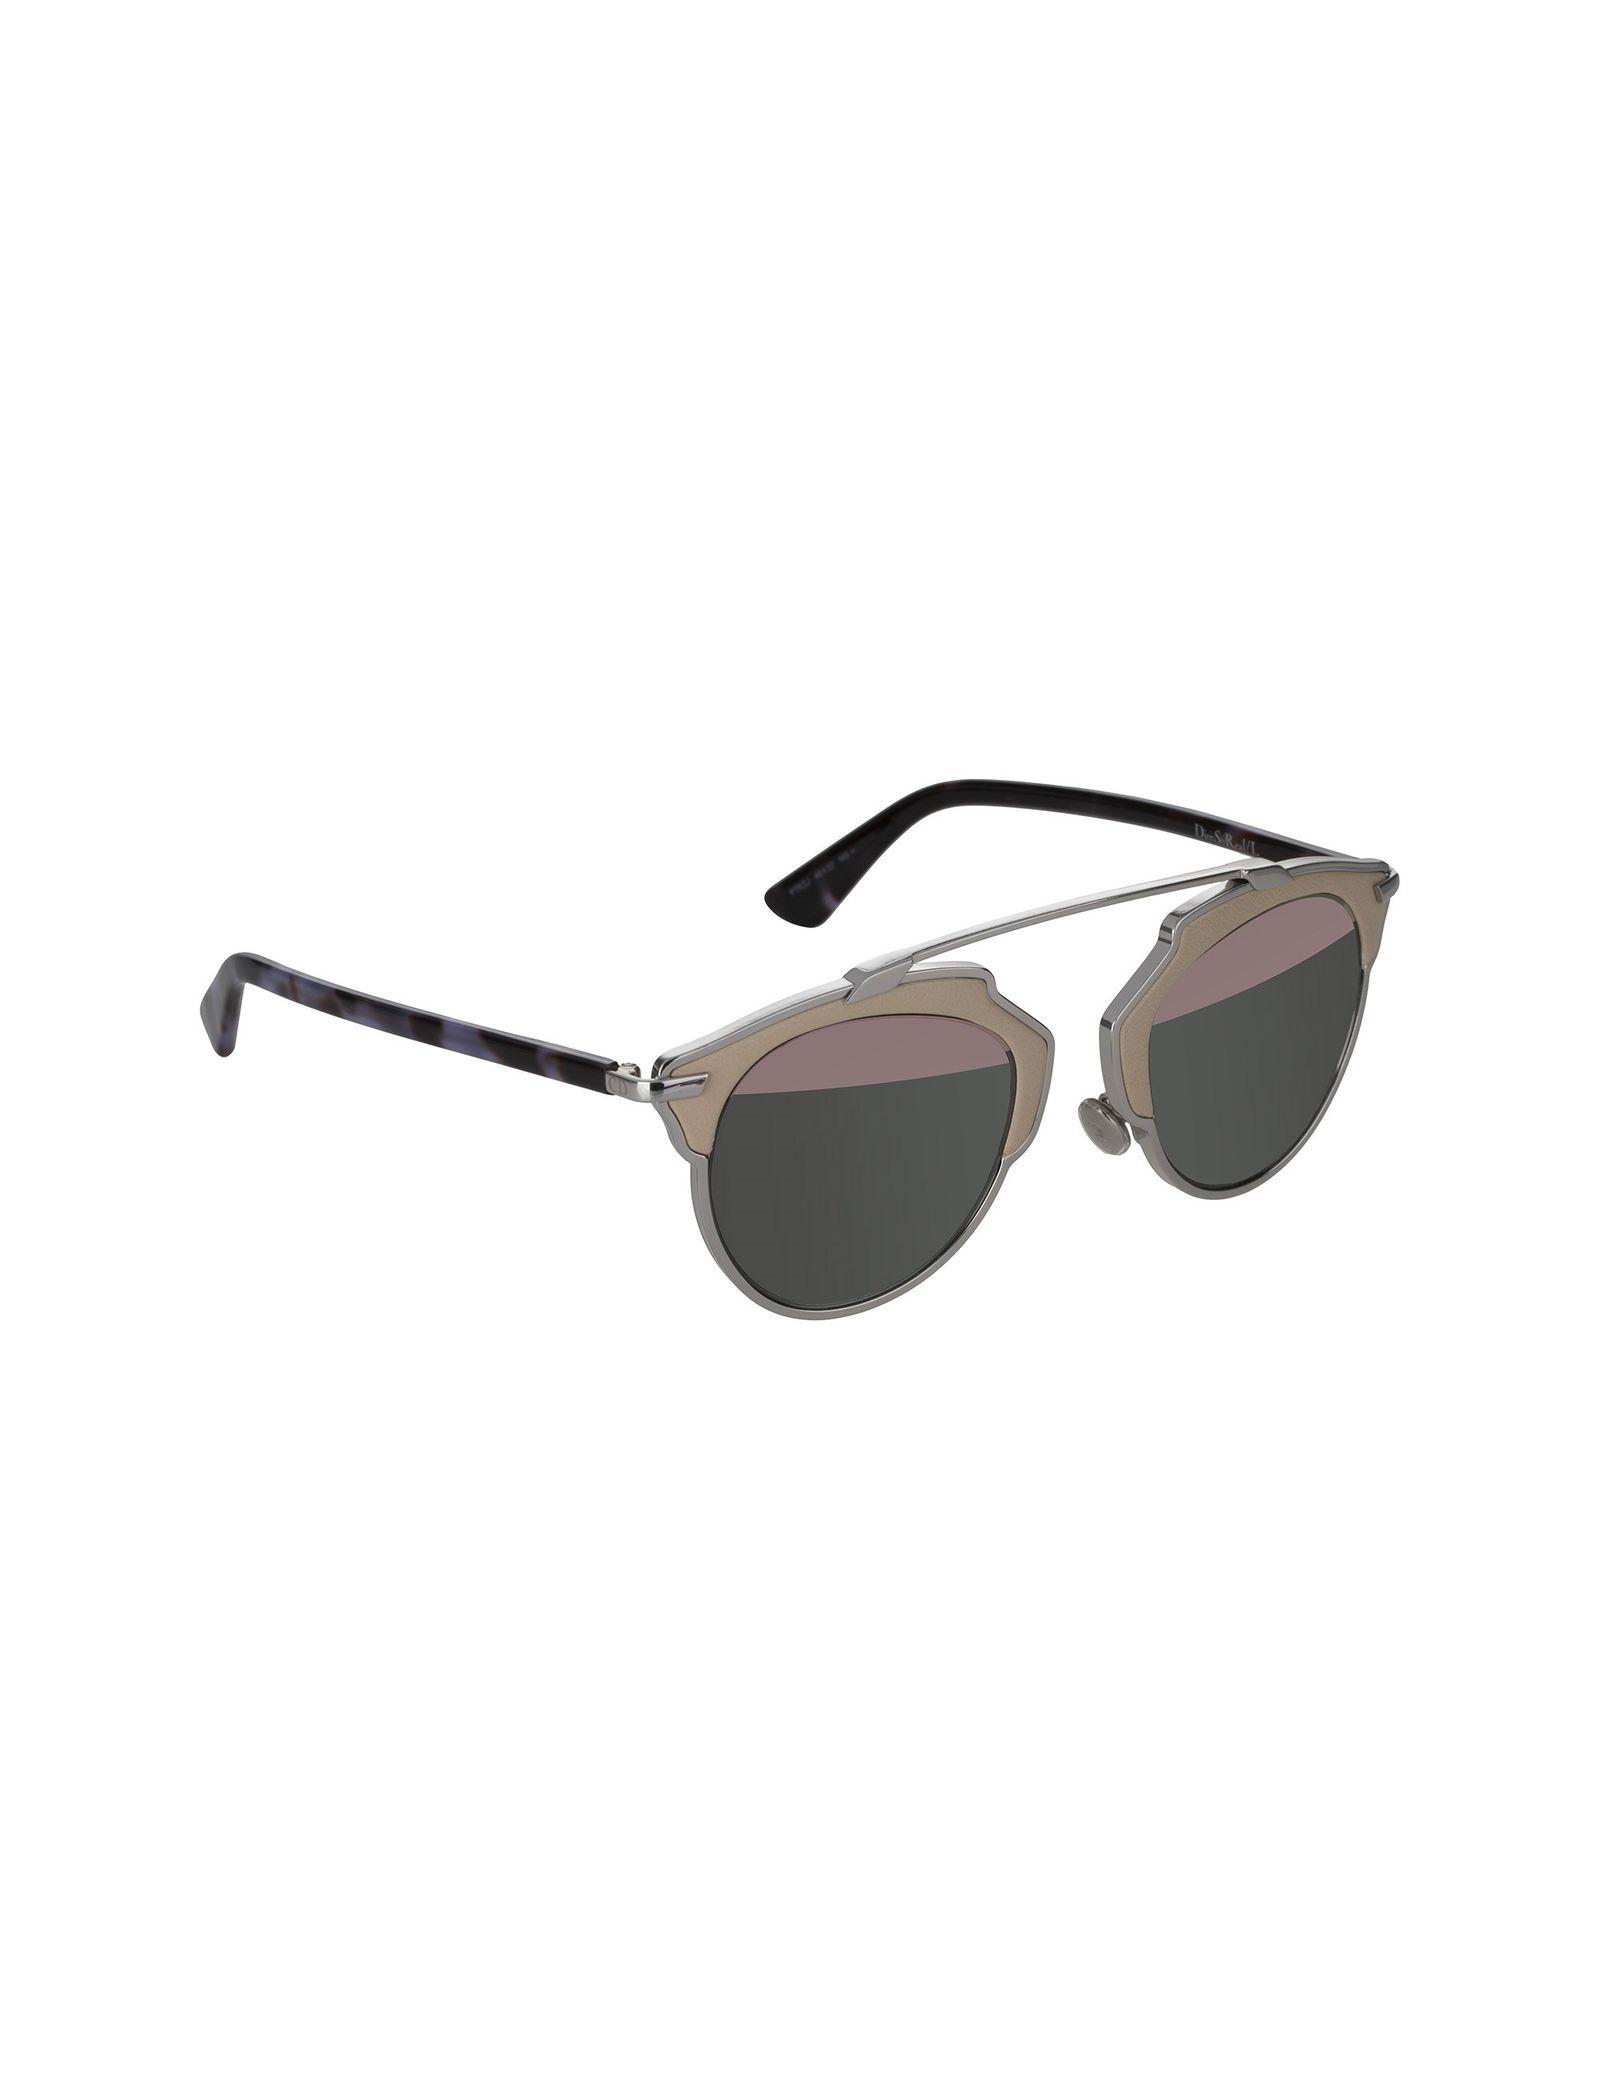 عینک آفتابی پنتوس زنانه - دیور - بژ و نقره اي - 2